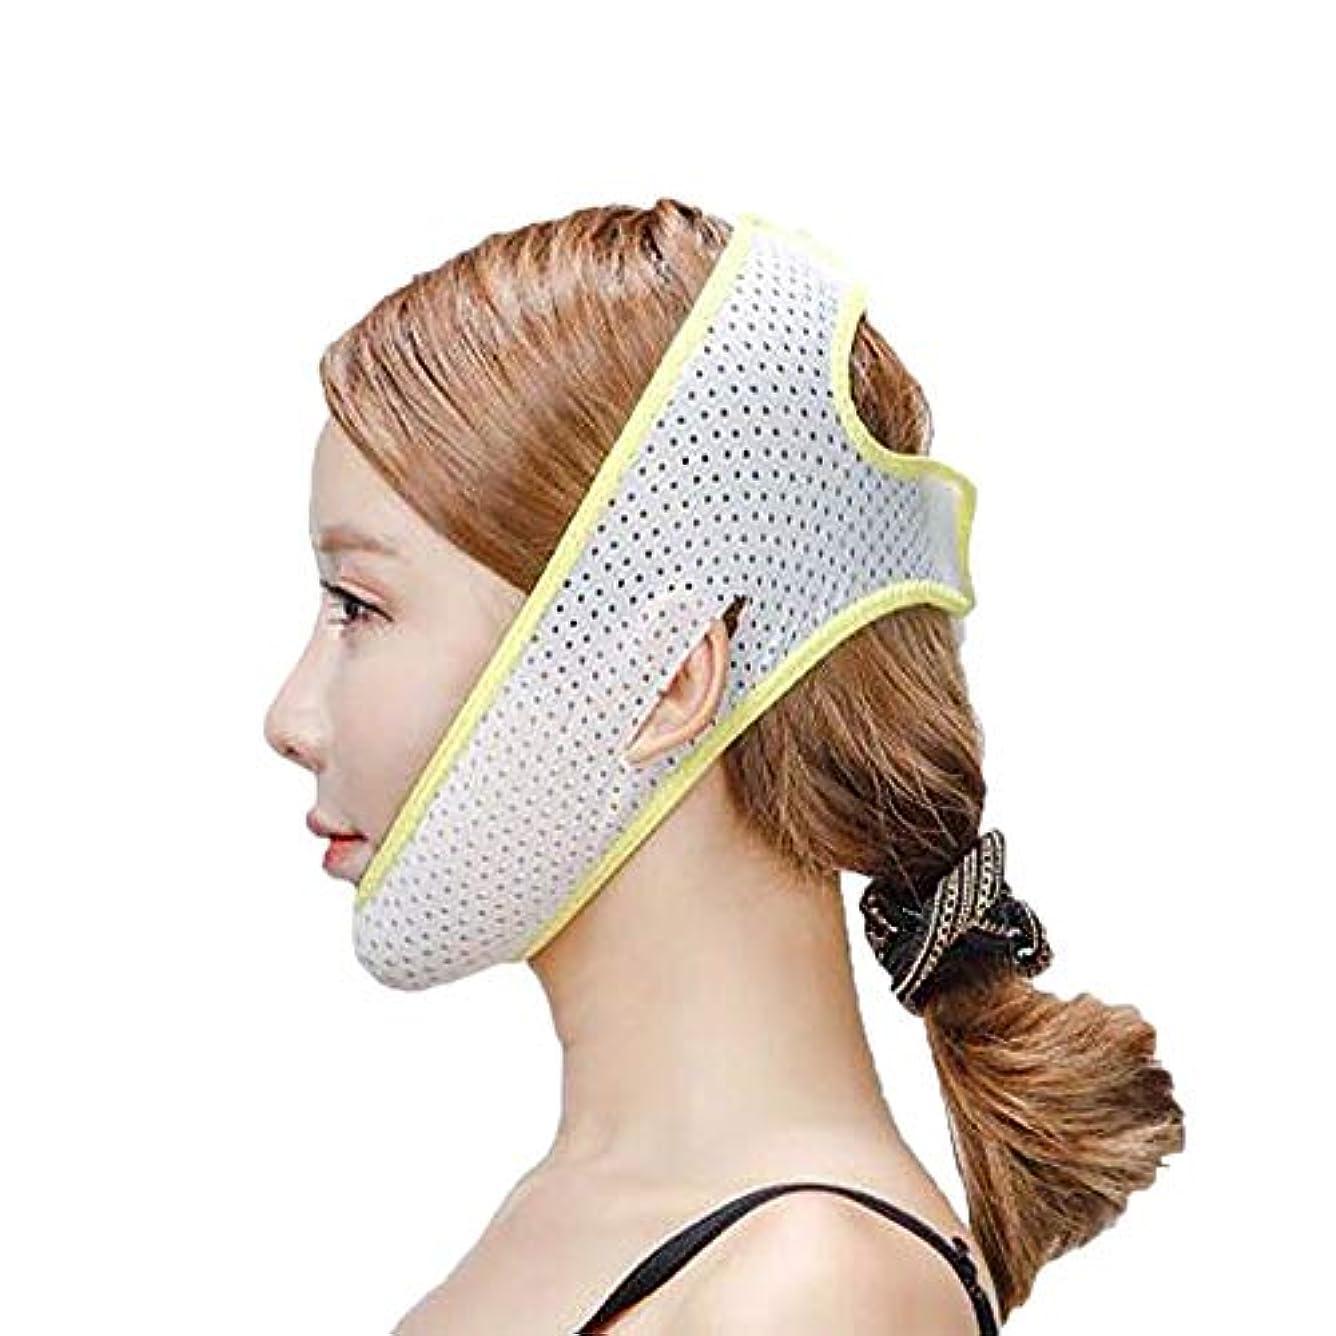 お互い思い出成功するフェイスリフトマスク、ダブルチンストラップ、フェイシャル減量マスク、フェイシャルダブルチンケアスリミングマスク、リンクルマスク(フリーサイズ) (Color : Yellow)